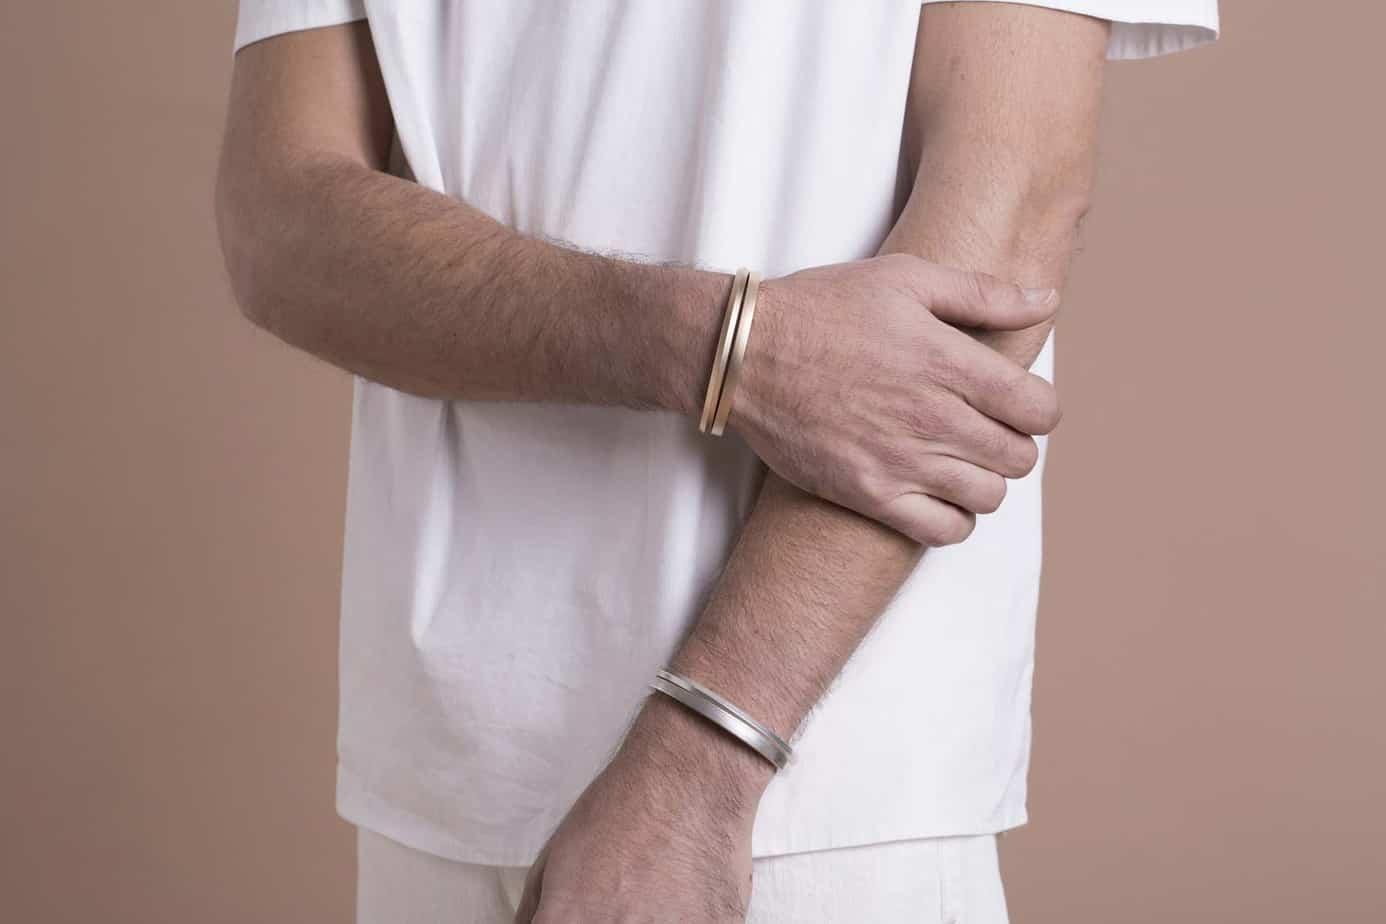 קולקציית צמידים C's cuff, צילום נייל כהן (2)2